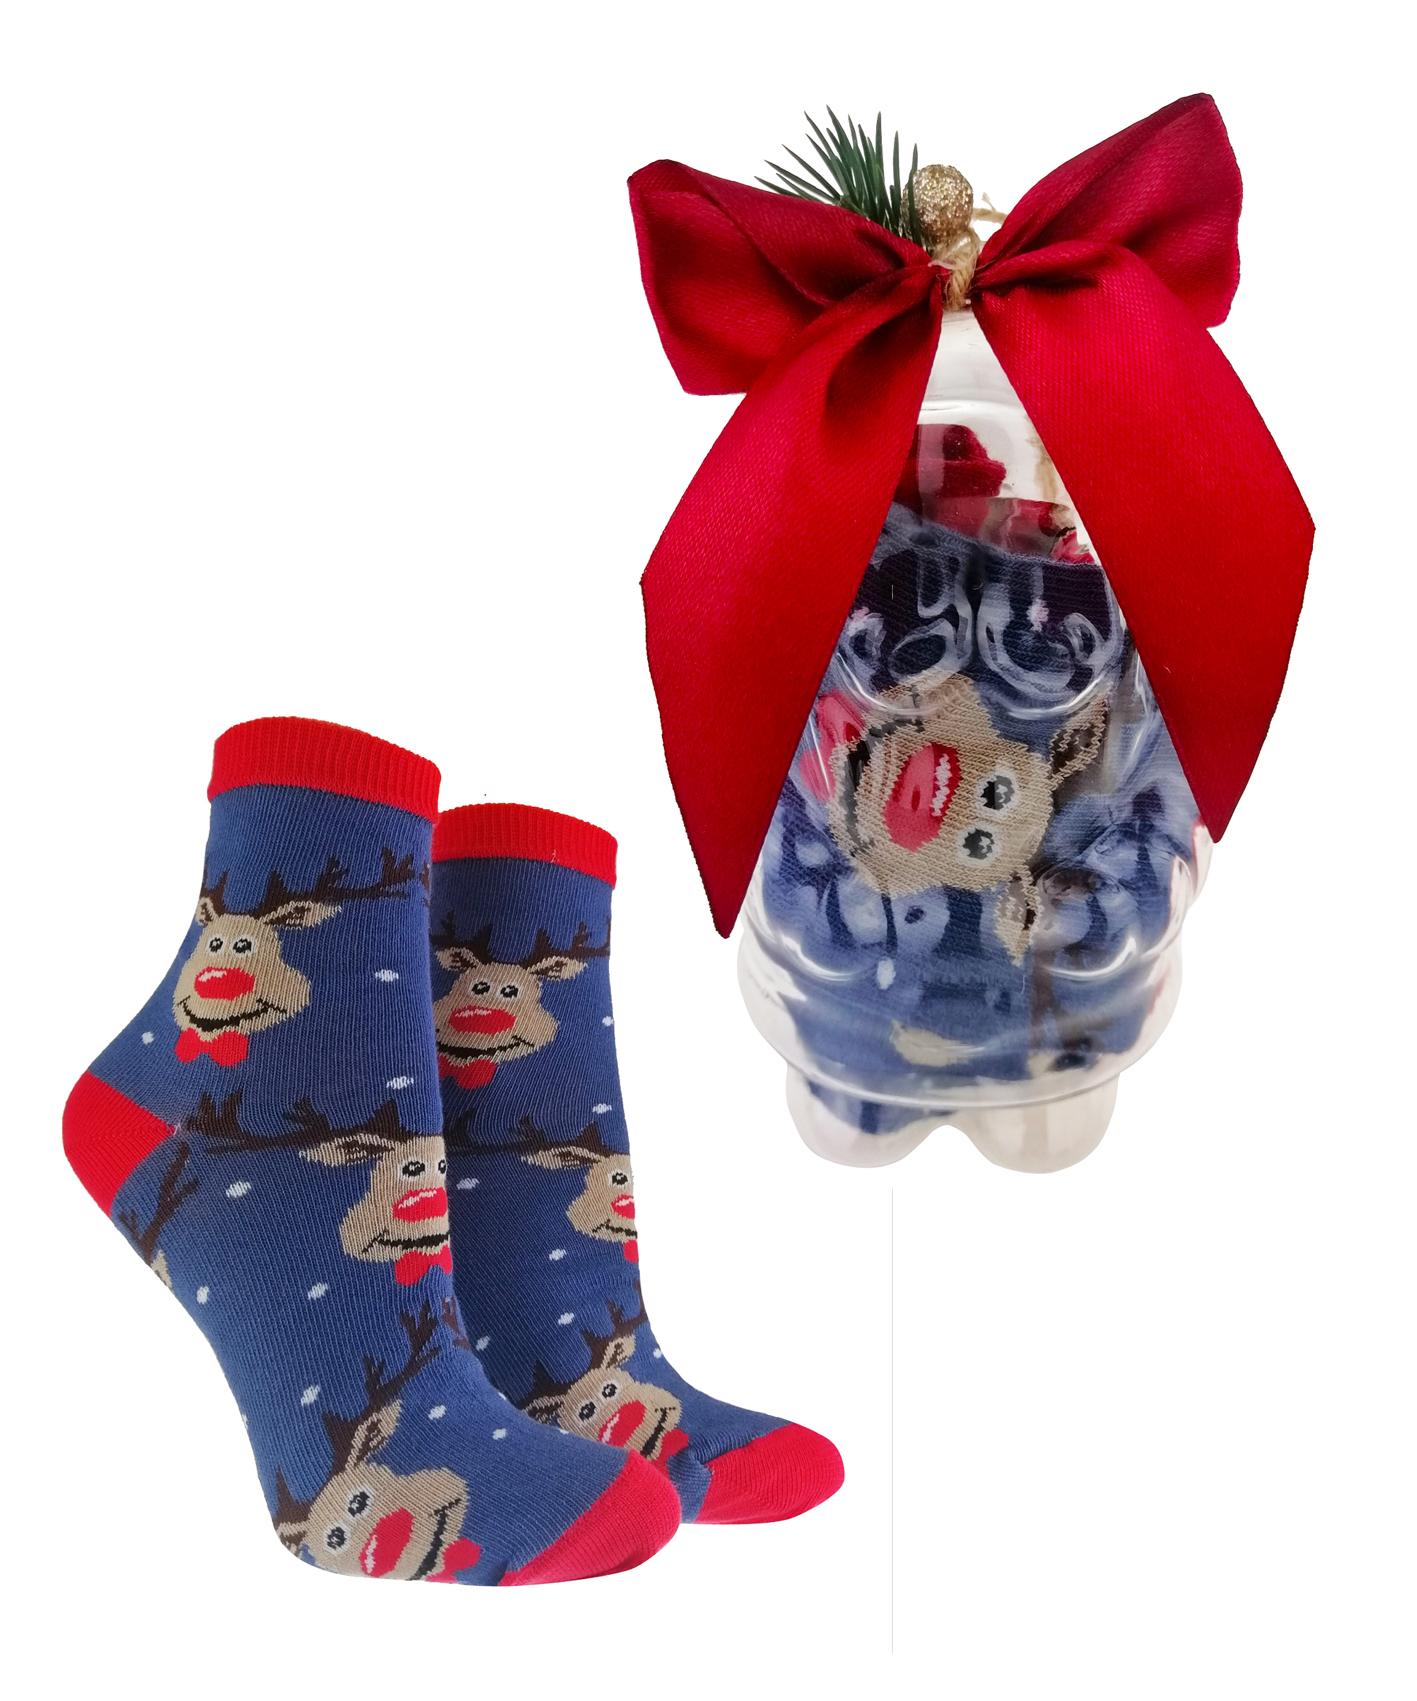 Bombka ze Skarpetami Świątecznymi dziecięcymi na PREZENT